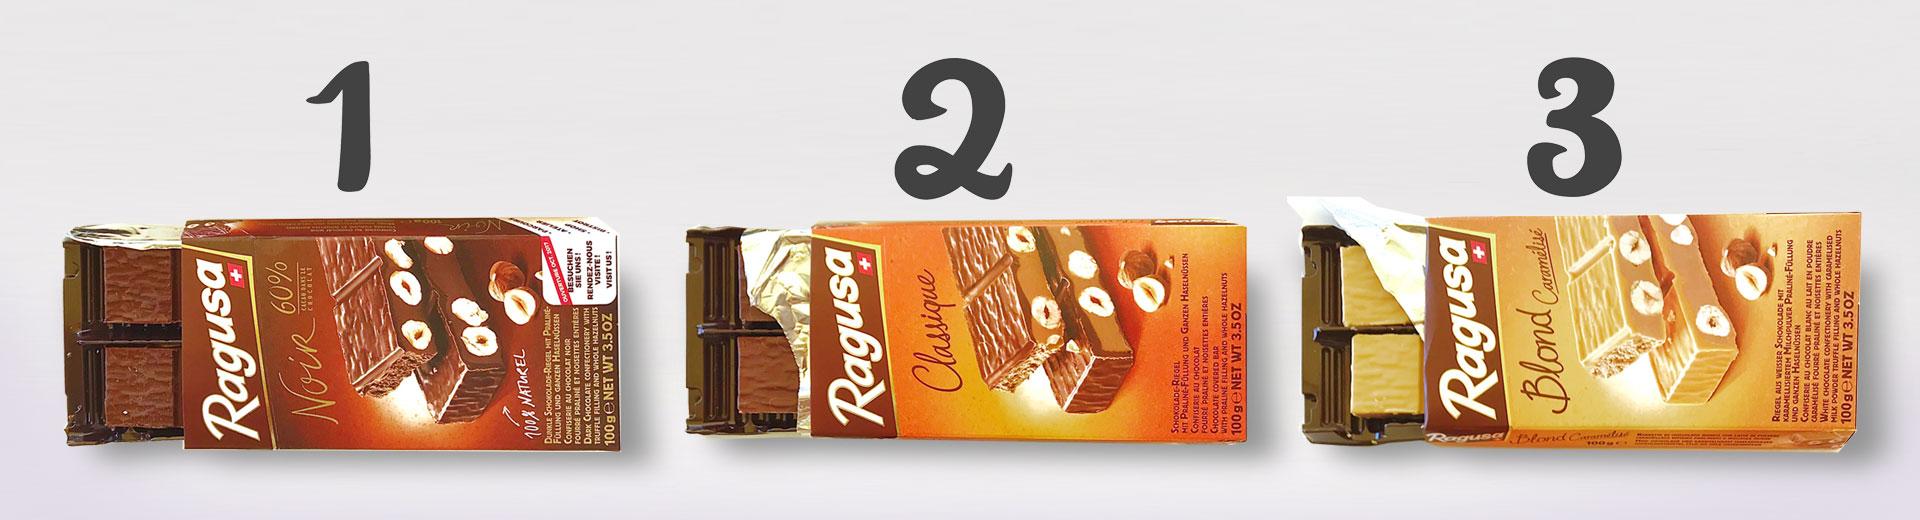 שוקולד רגוסה